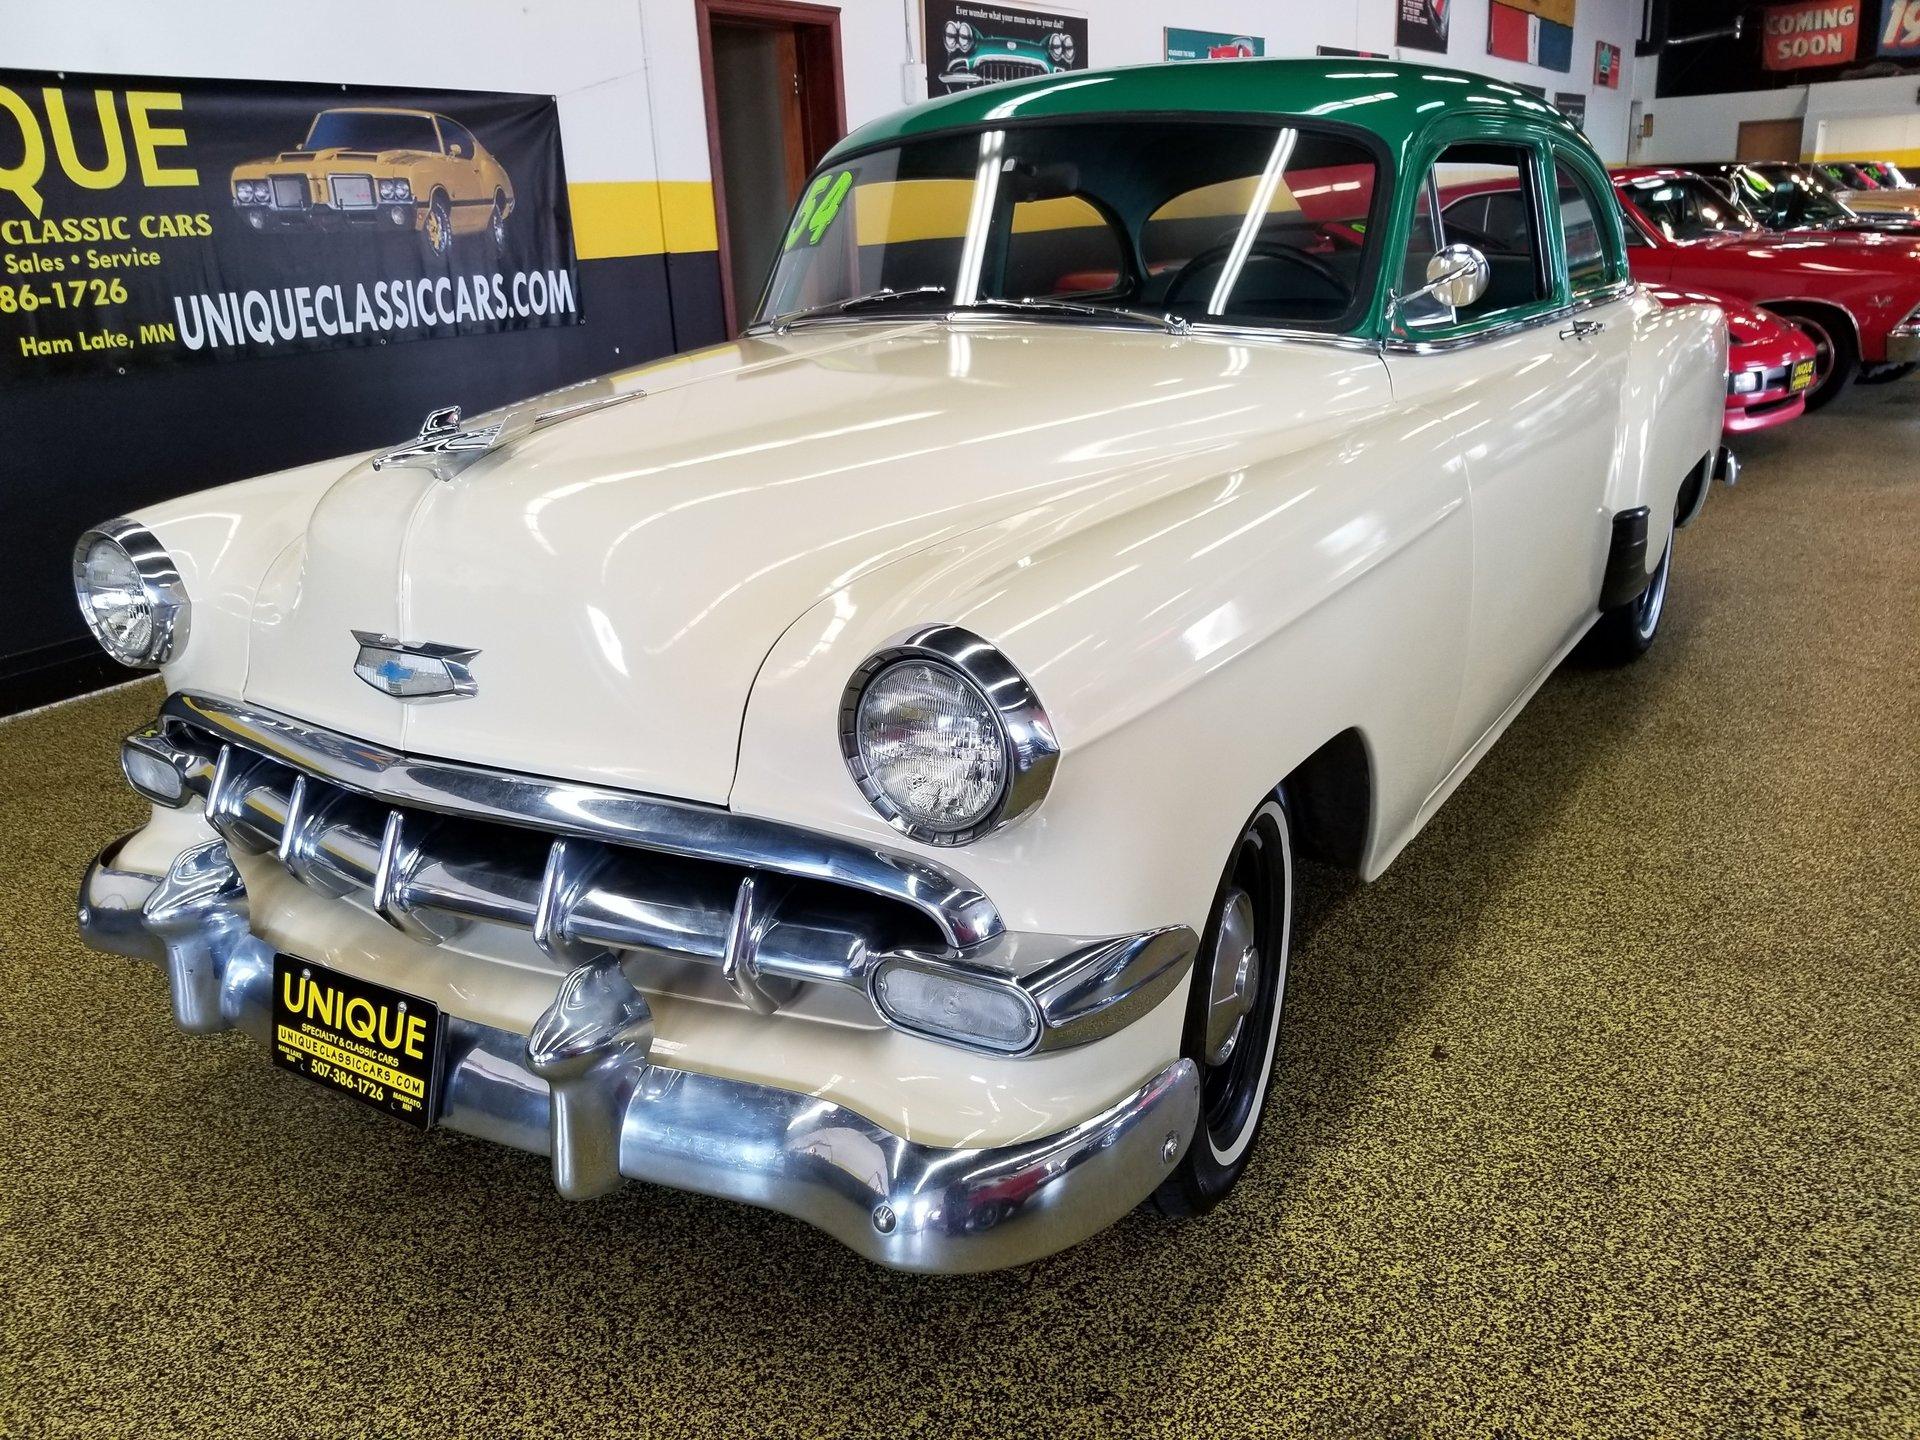 1954 Chevrolet 150 | Berlin Motors